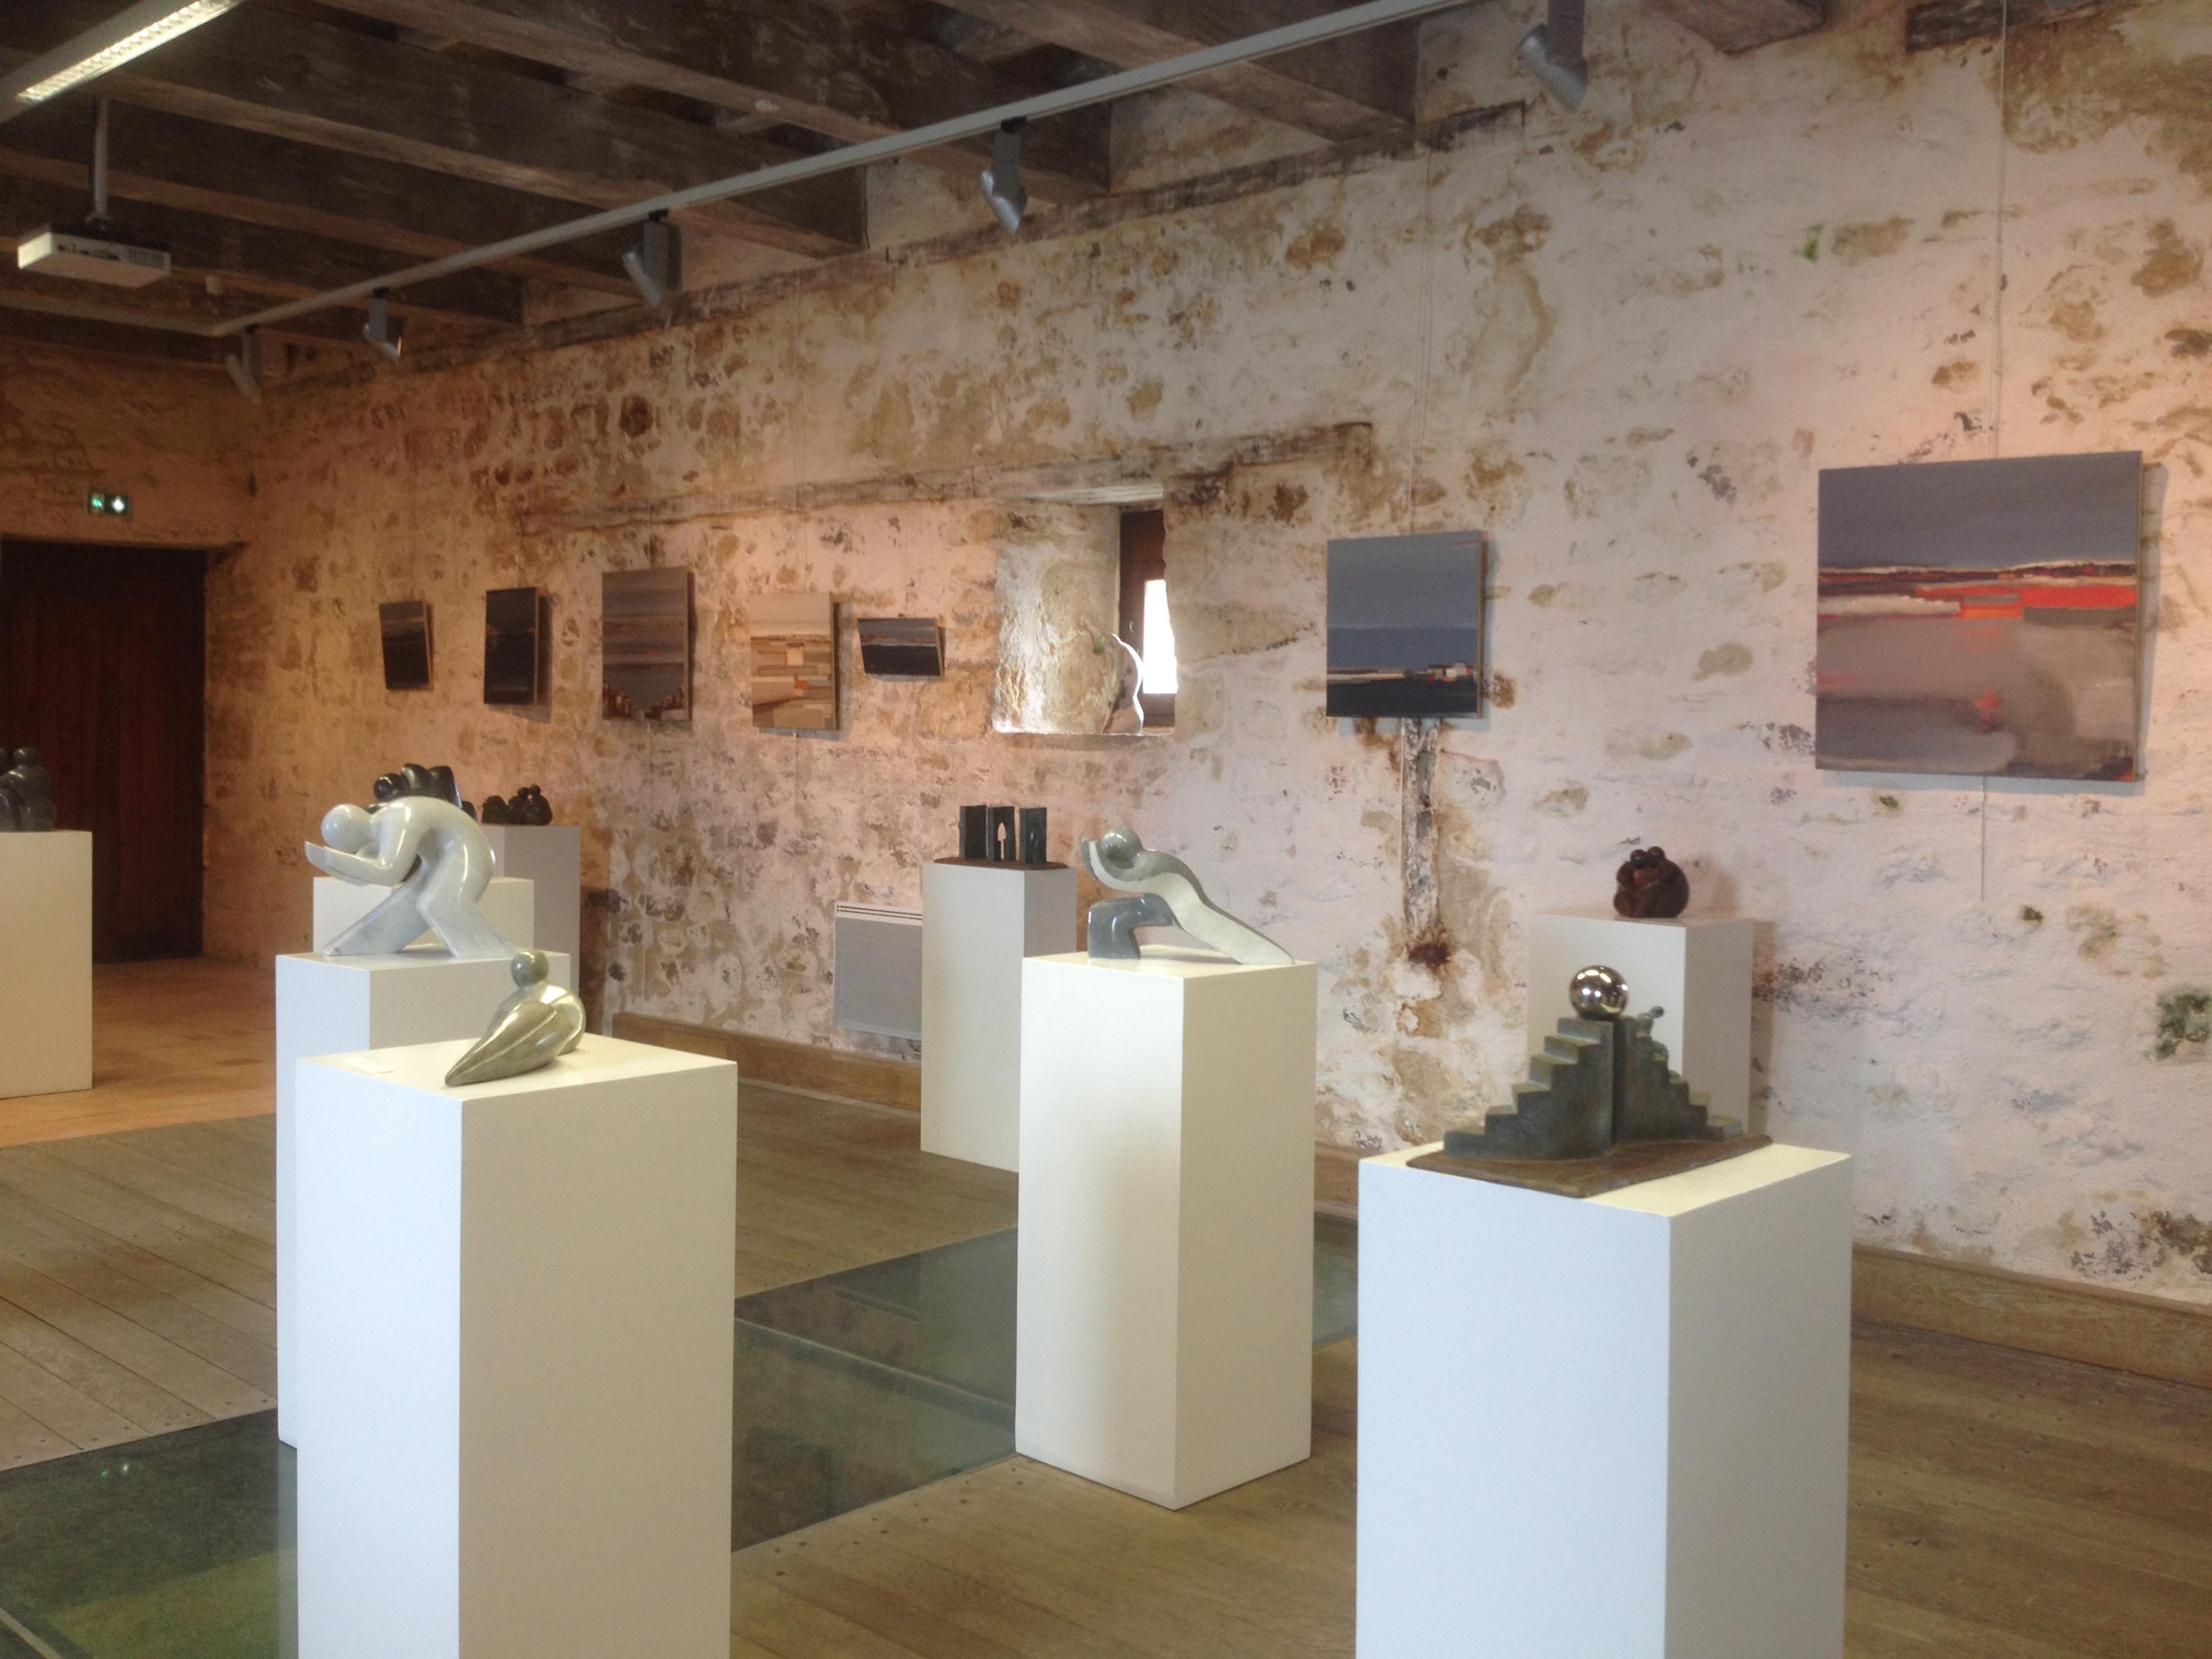 Actualité de Claudine Brusorio portes ouvertes de l'atelier